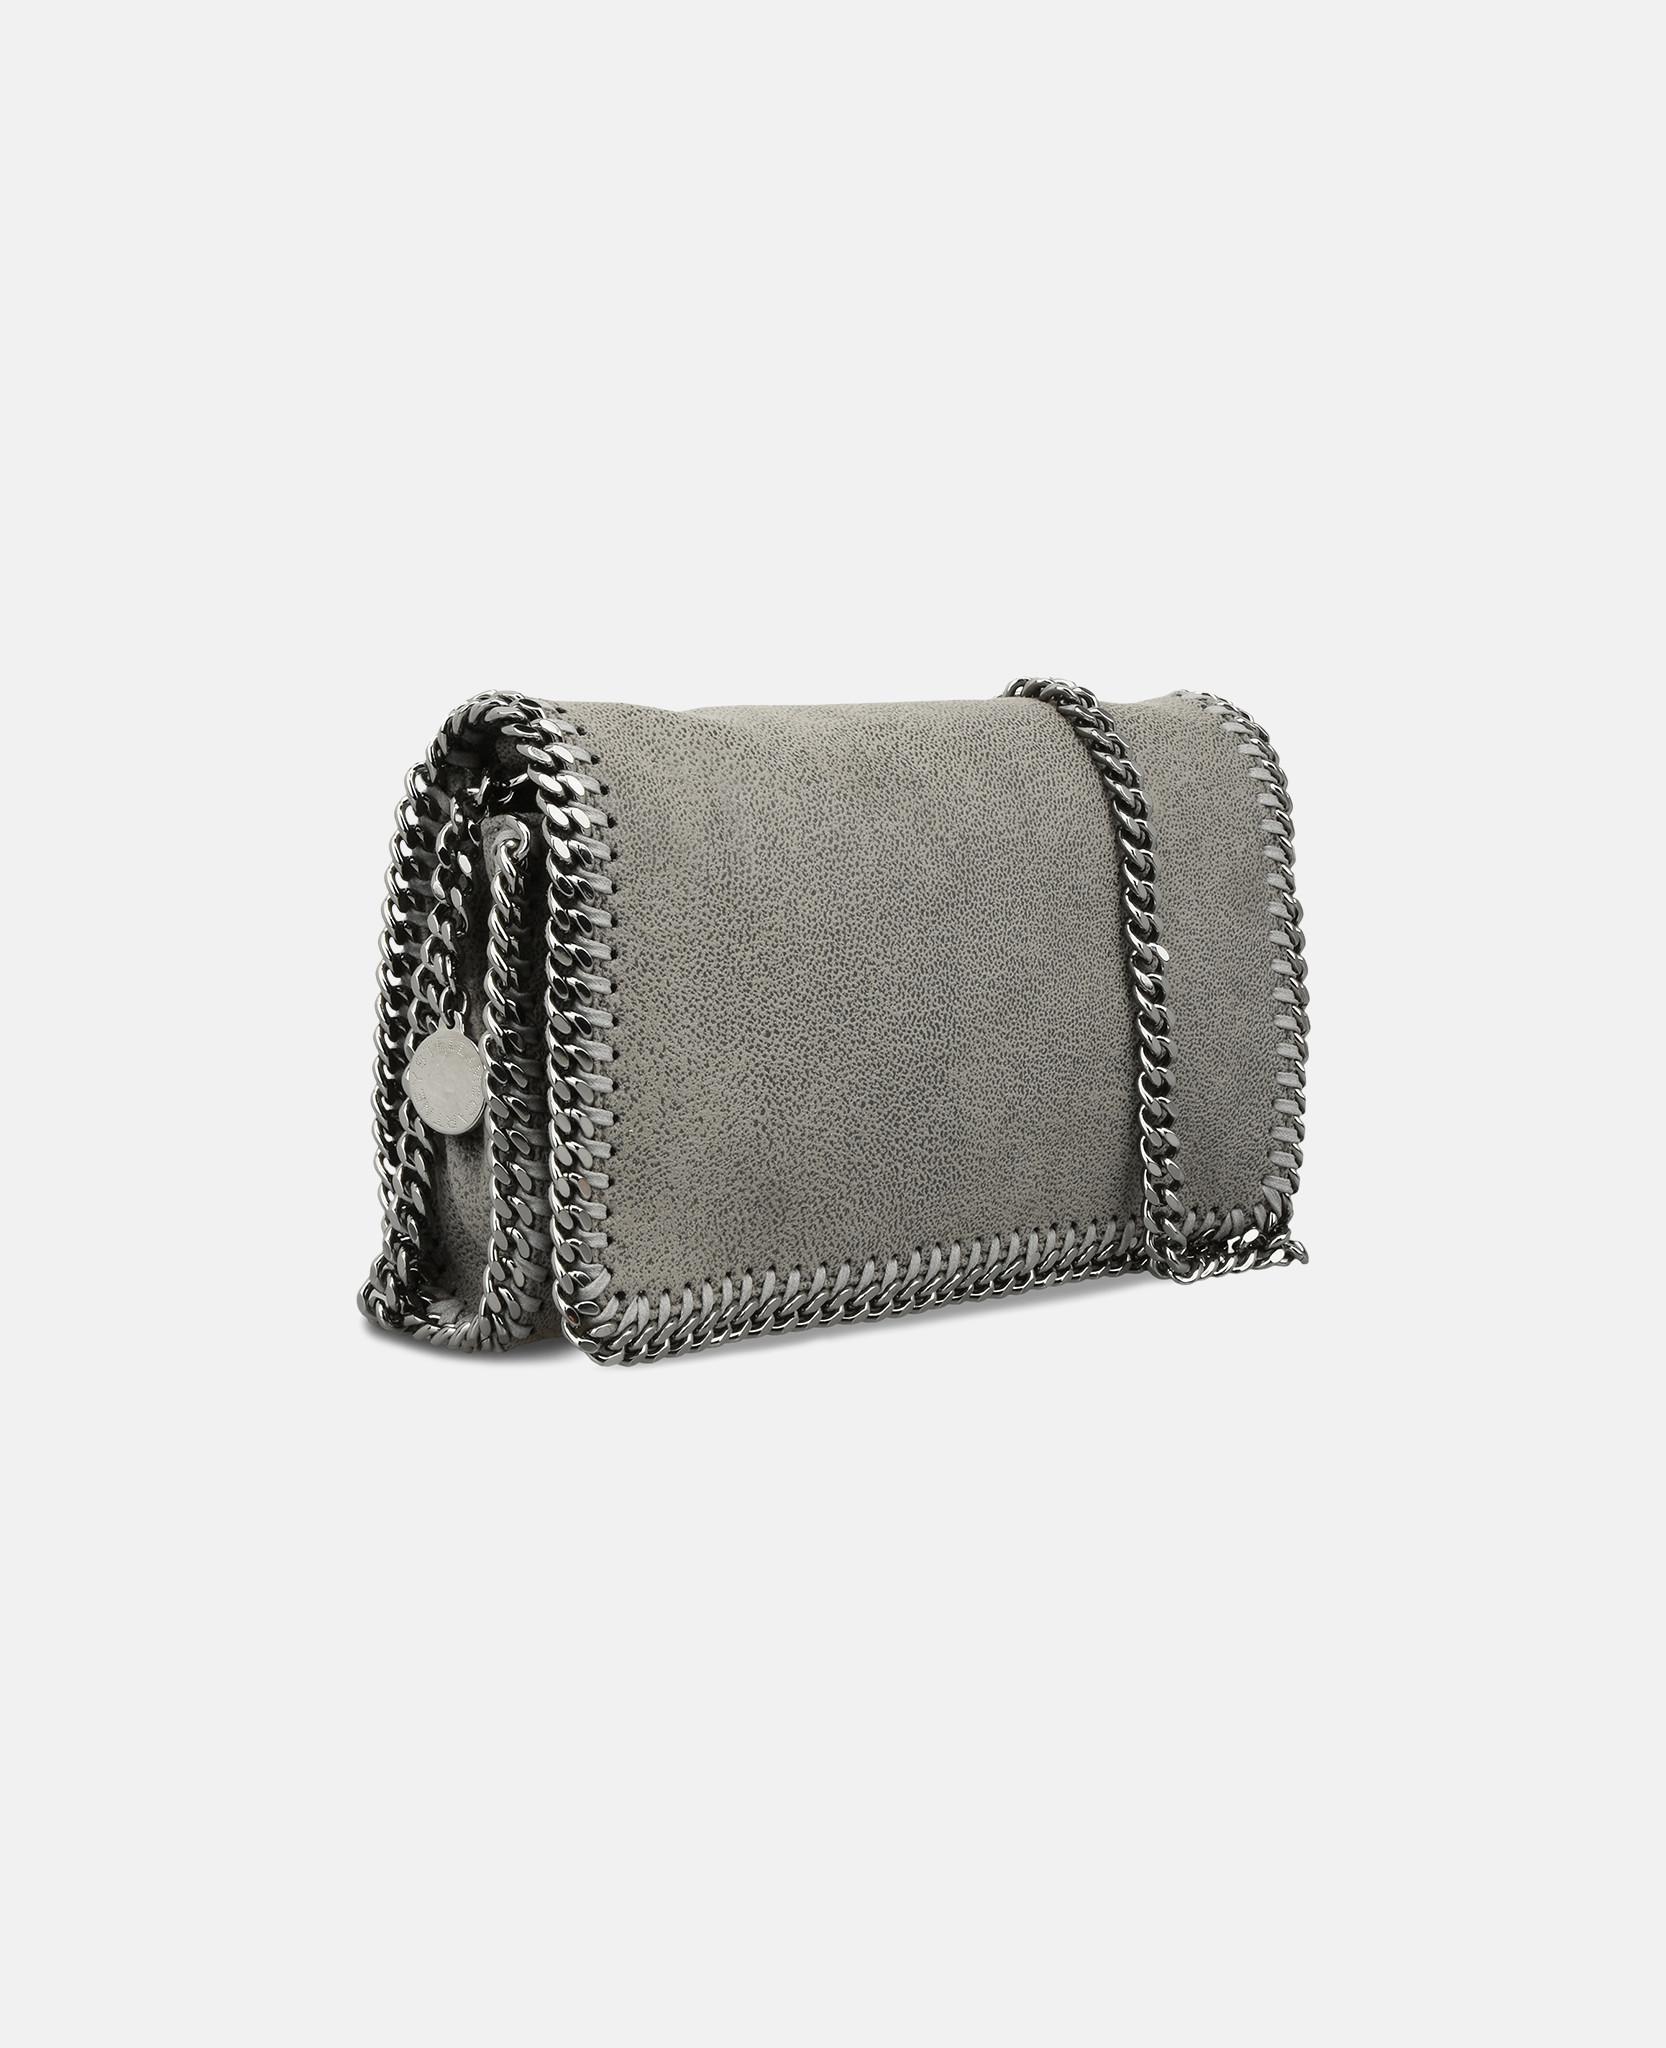 Lyst - Stella McCartney Light Grey Falabella Cross Body Bag in Gray 528a0050af